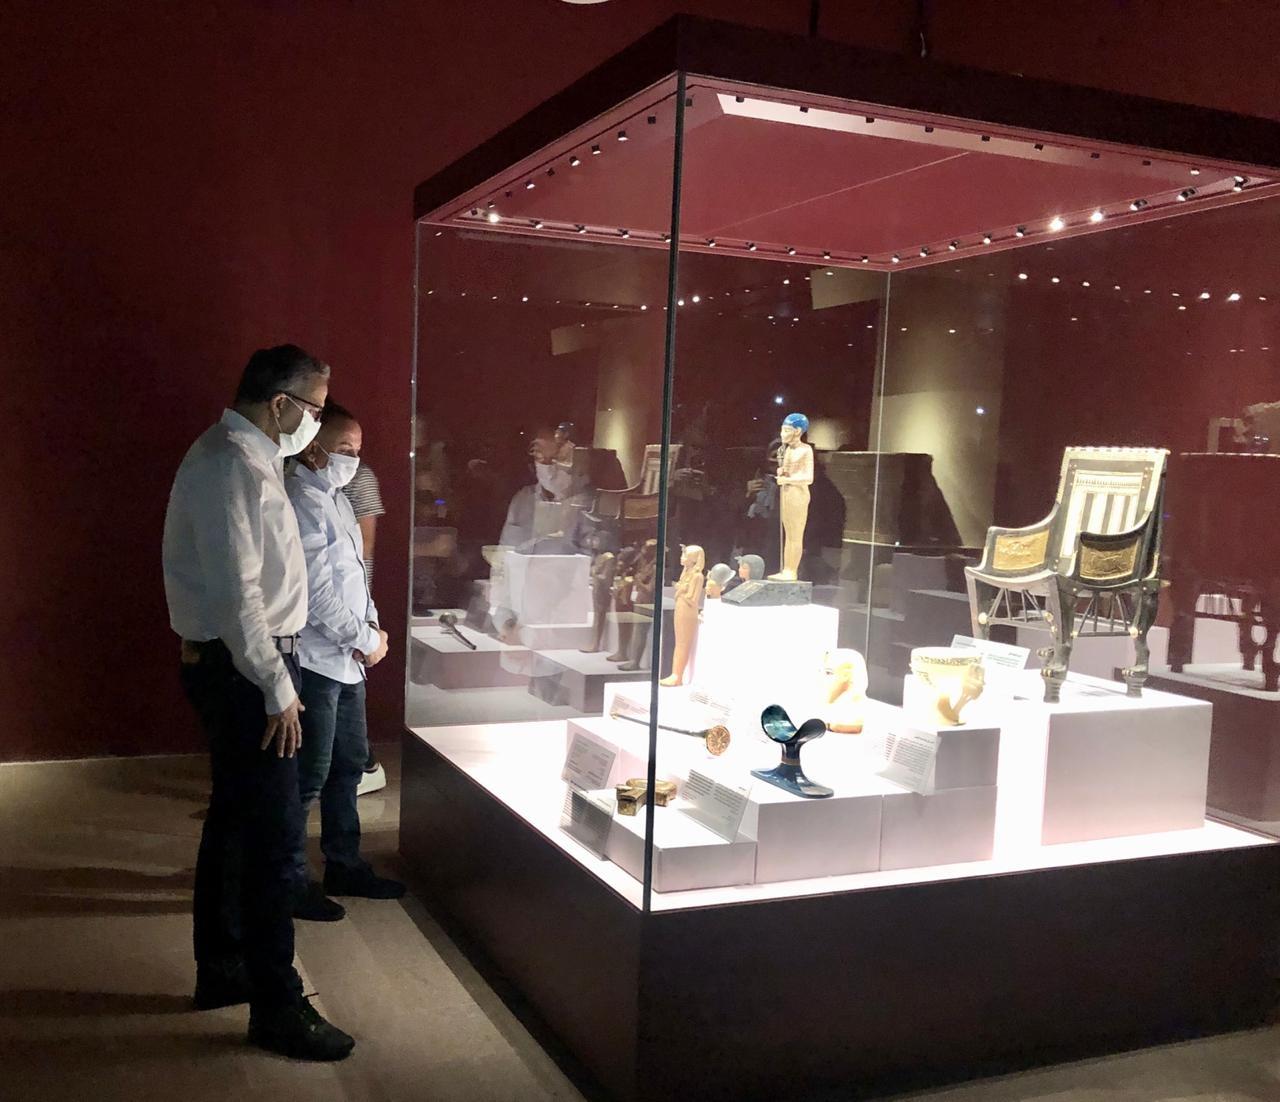 وزير السياحة والآثار يتفقد المعرض المؤقت لبعض كنوز الملك توت عنخ آمون2